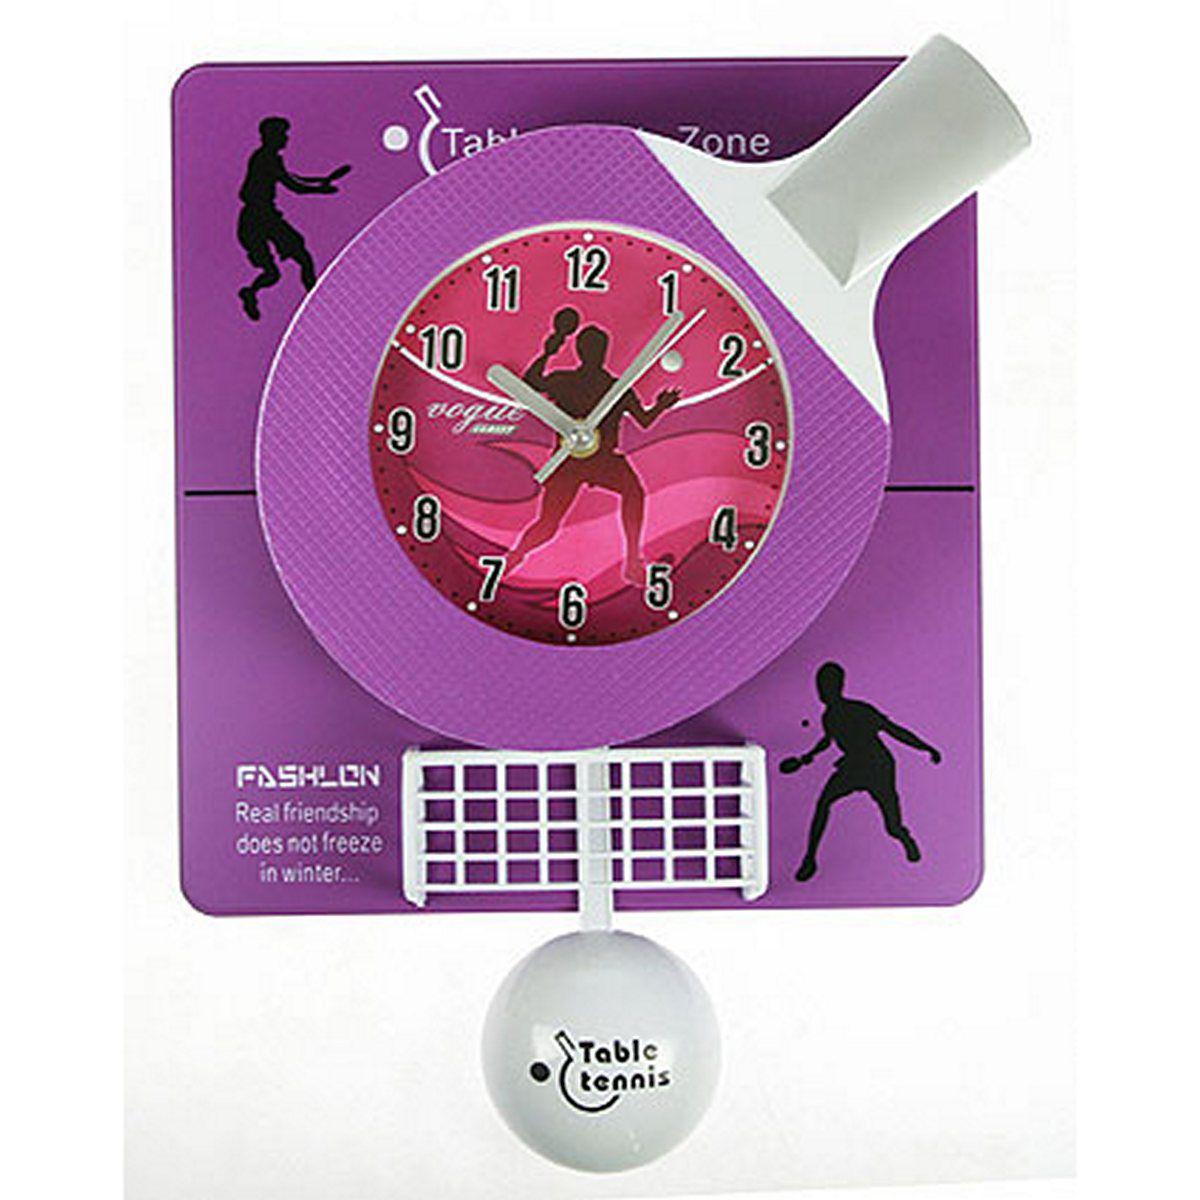 Часы настенные Русские Подарки Теннис, 31 х 6 х 42 см. 222425SC - WCD12PLНастенные кварцевые часы Русские Подарки Теннис изготовлены из пластика. Корпус оригинально оформлен элементами игры в теннис. Часы имеют три стрелки - часовую, минутную и секундную. С обратной стороны имеетсяпетелька для подвешивания на стену. Такие часы красиво и необычно оформят интерьер дома или офиса. Также часы могут стать уникальным, полезным подарком для родственников, коллег, знакомых и близких.Часы работают от батареек типа АА (в комплект не входят).